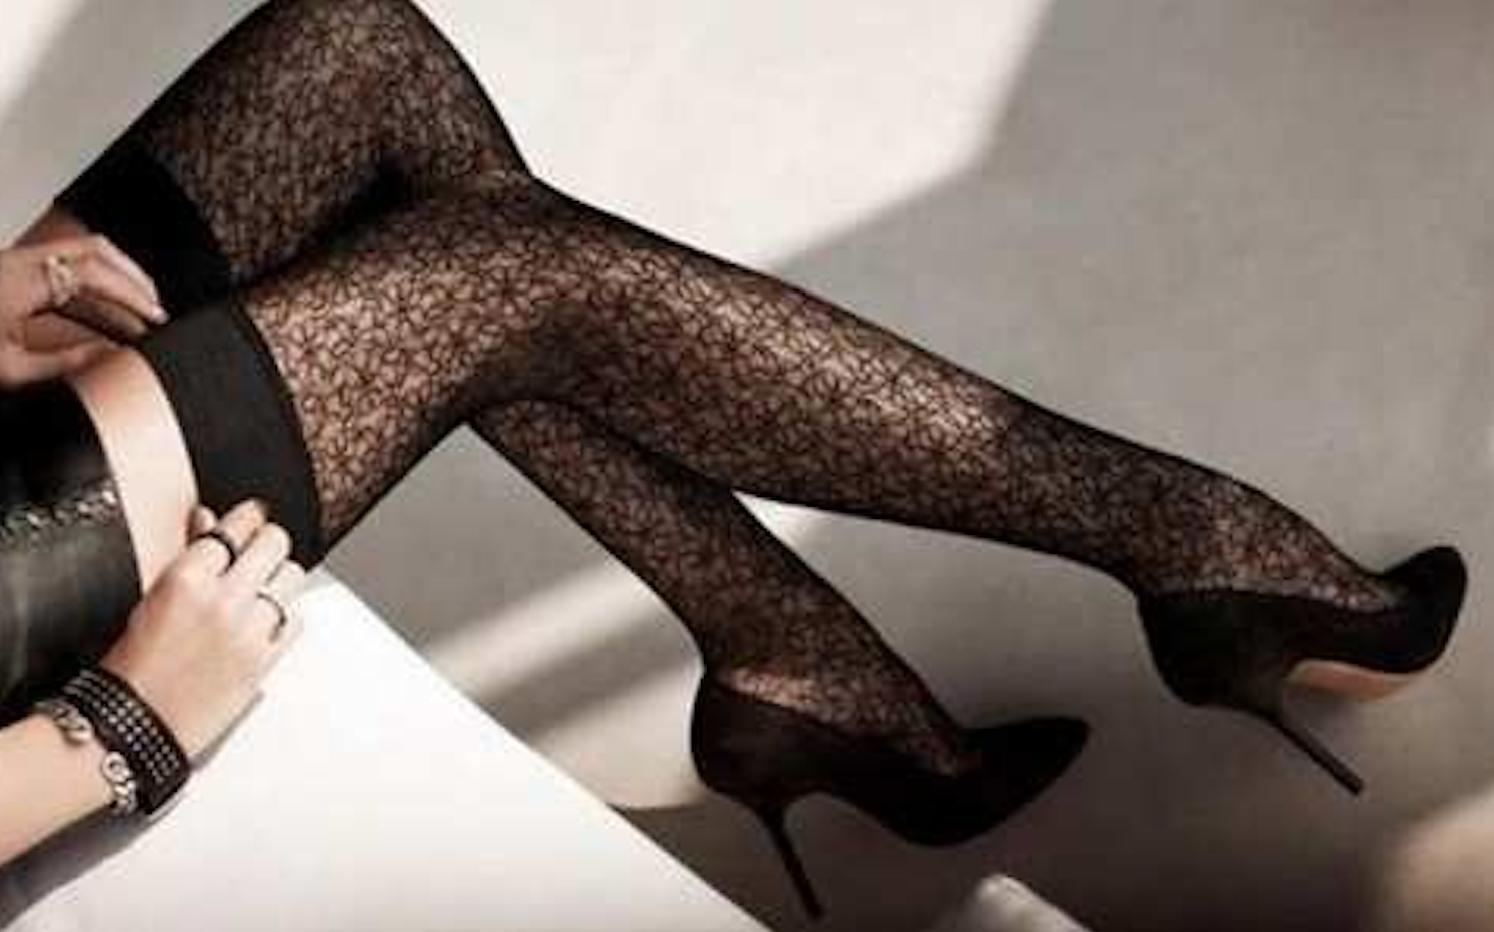 Escort e prostituzione di lusso, inizia il viaggio di ItaliaSera nel business del sesso